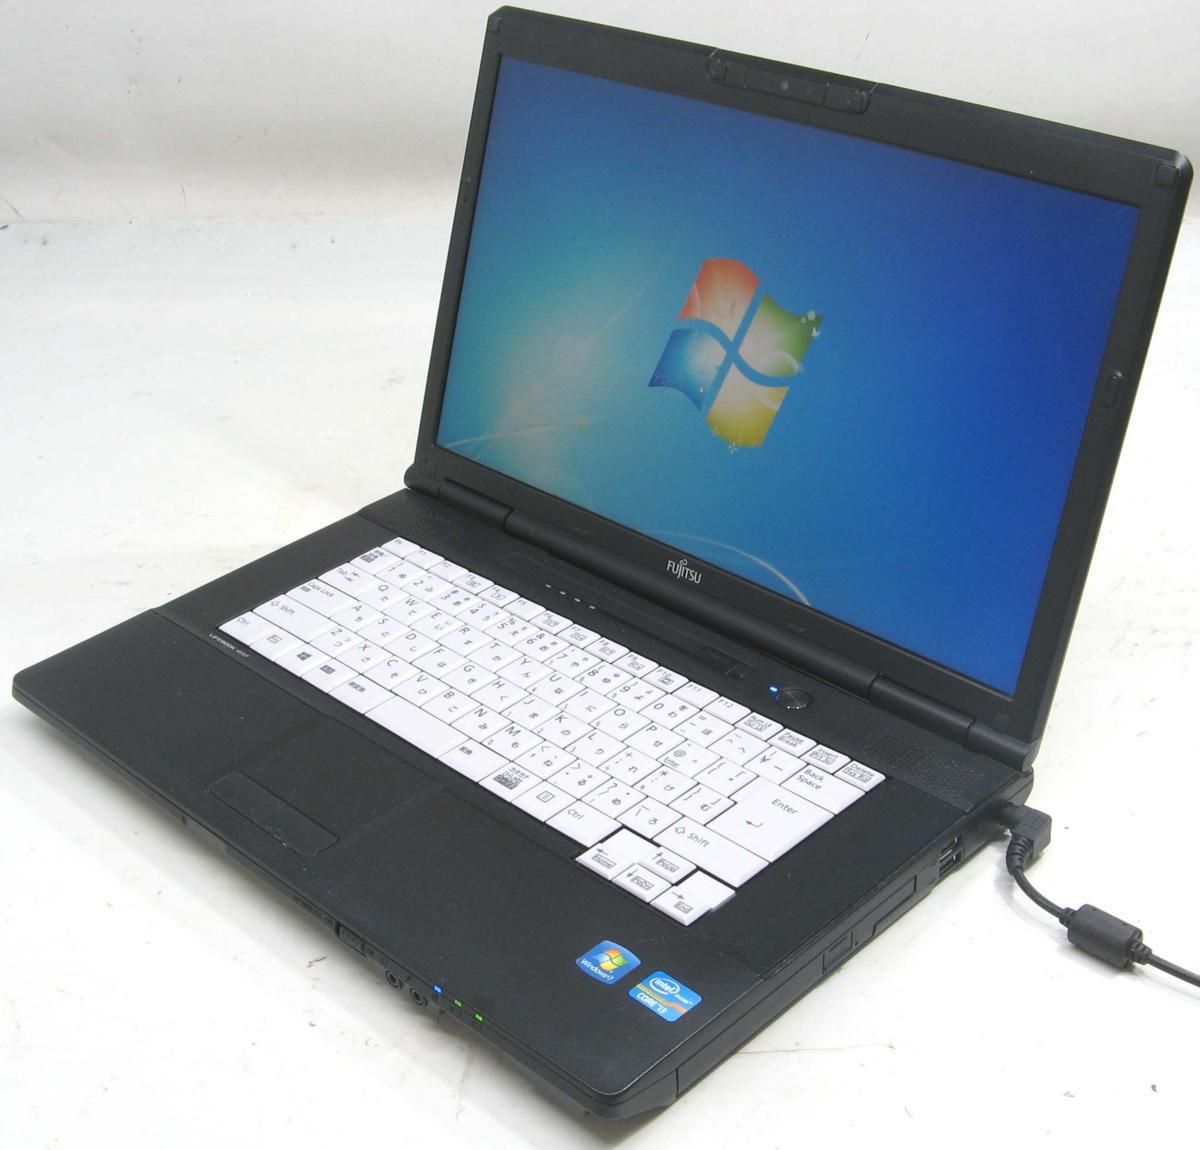 中古ノートパソコン 富士通 Lifebook A572/F FMVNA7SEZ1(富士通 Windows7 Corei3 DVDスーパーマルチドライブ HDMI出力端子)【中古】【中古パソコン/中古PC】